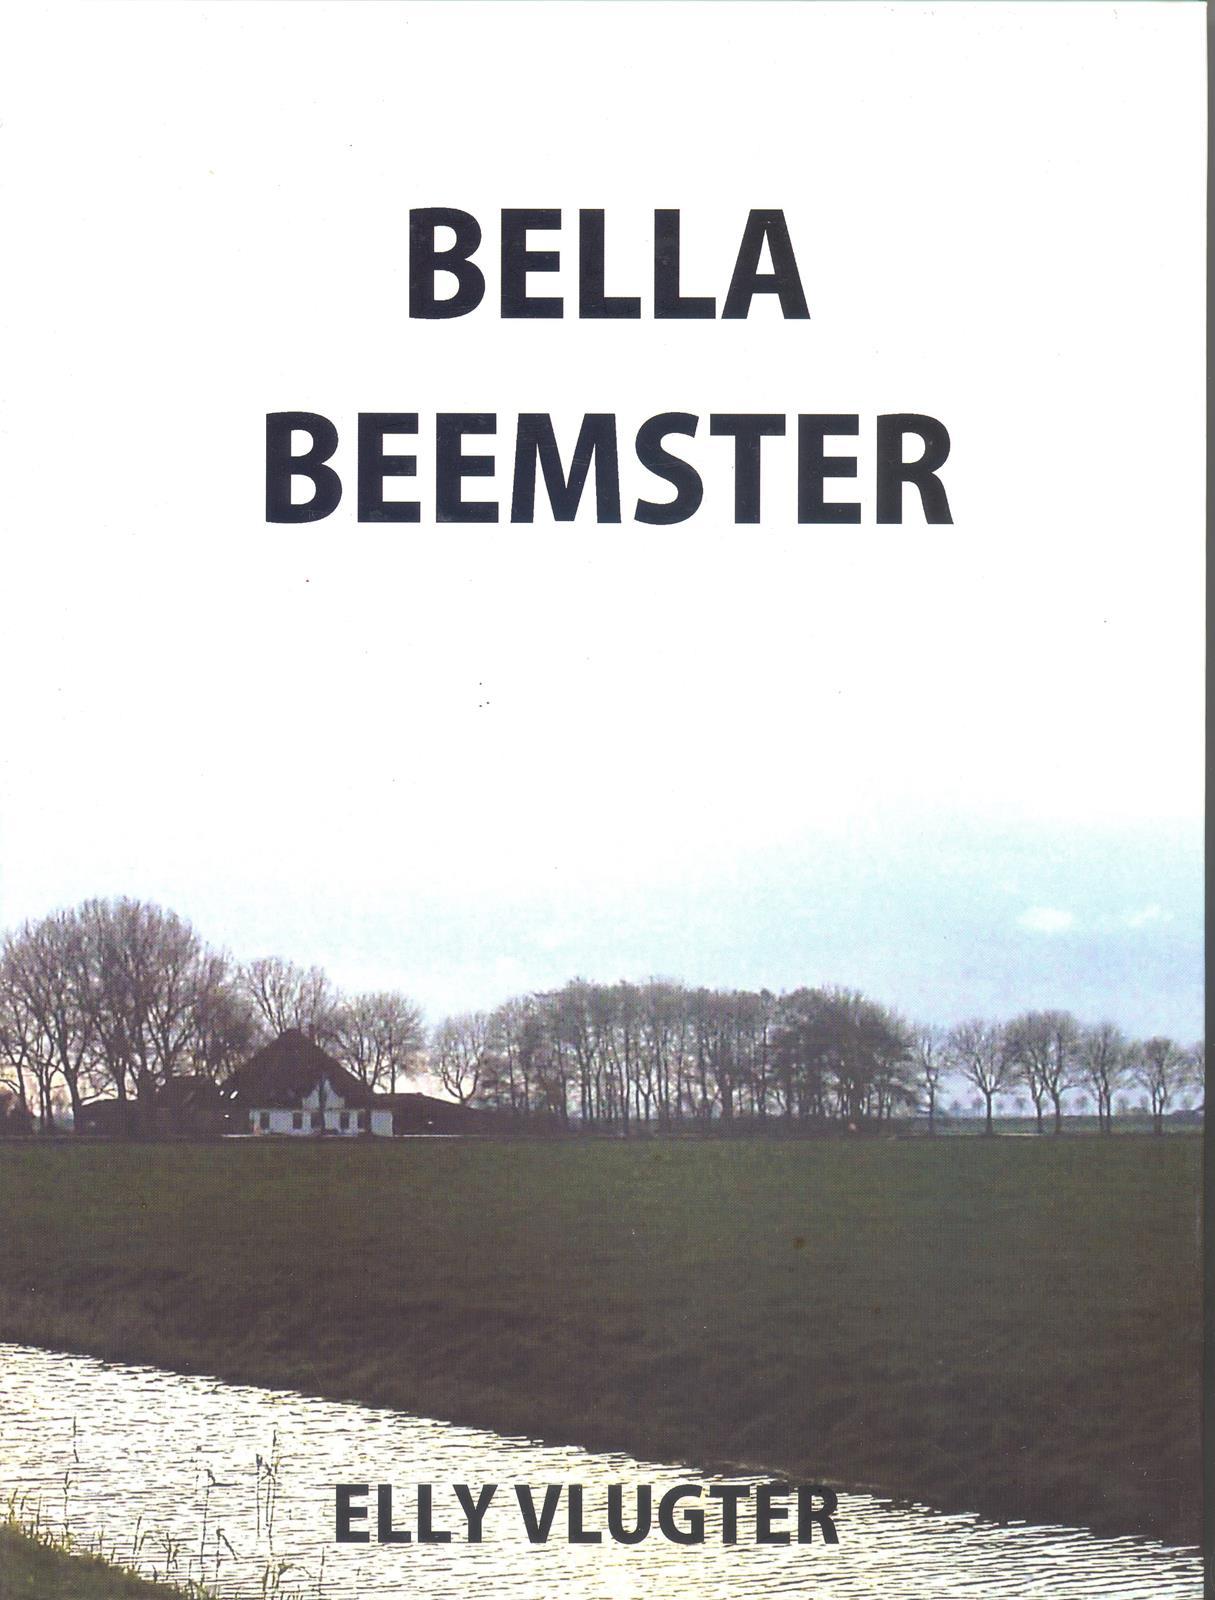 Bella Beemster